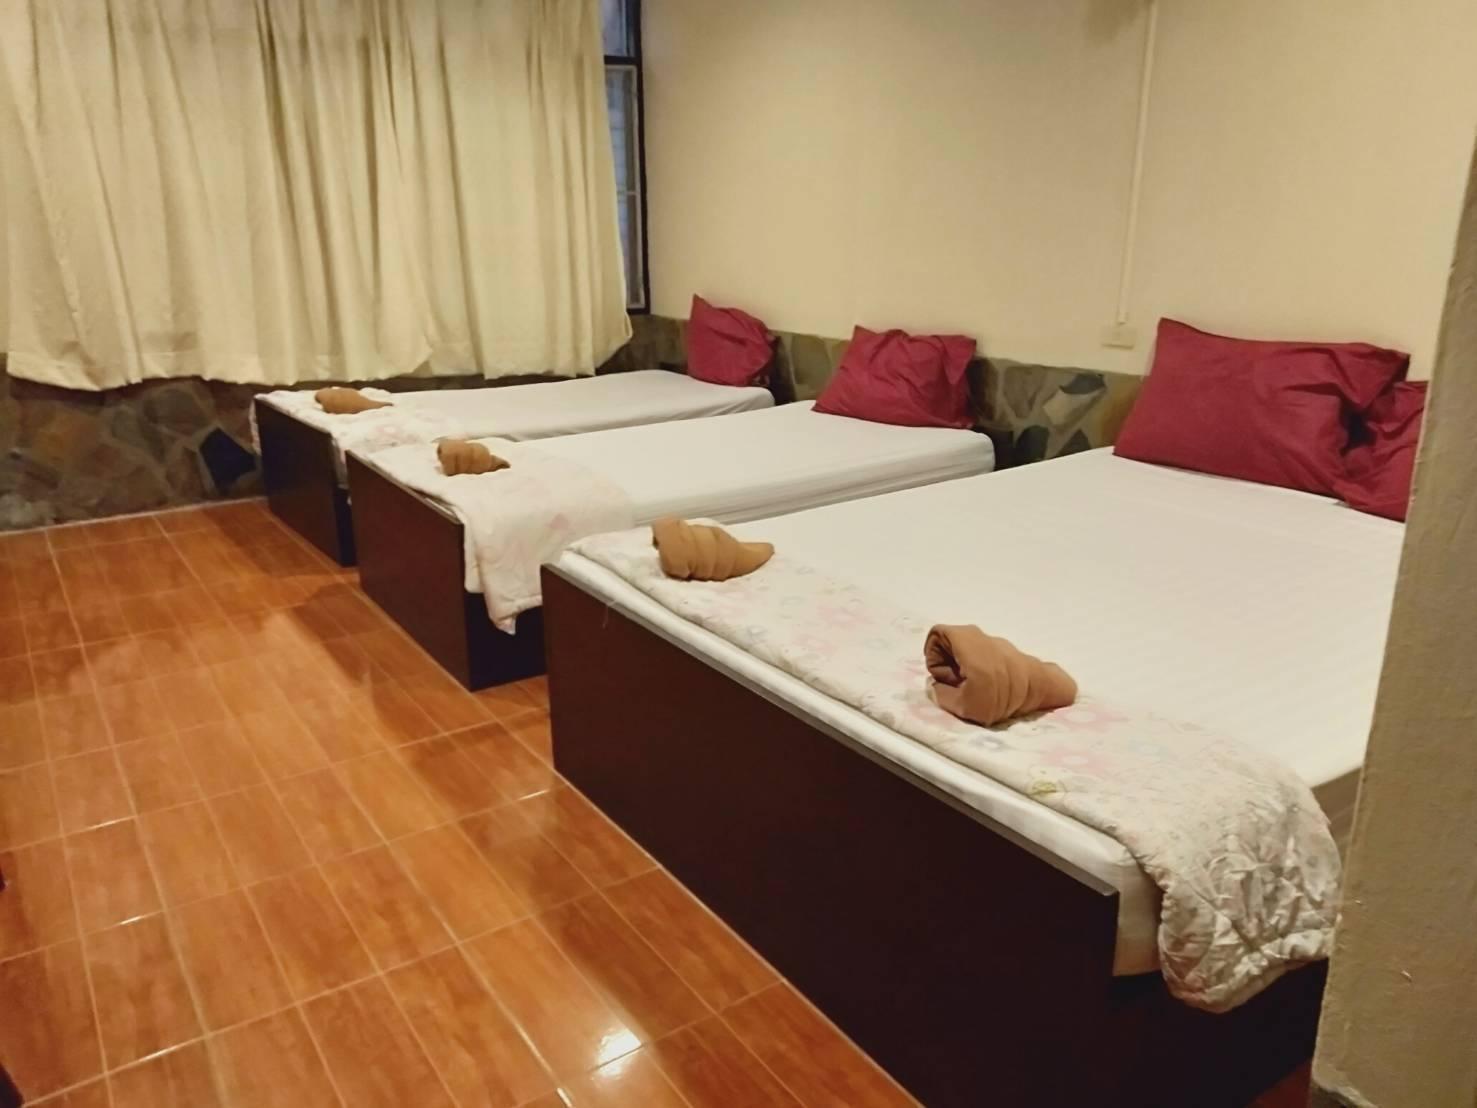 Sridang Hotel Sangklaburi อพาร์ตเมนต์ 10 ห้องนอน 10 ห้องน้ำส่วนตัว ขนาด 16 ตร.ม. – สังขละบุรี